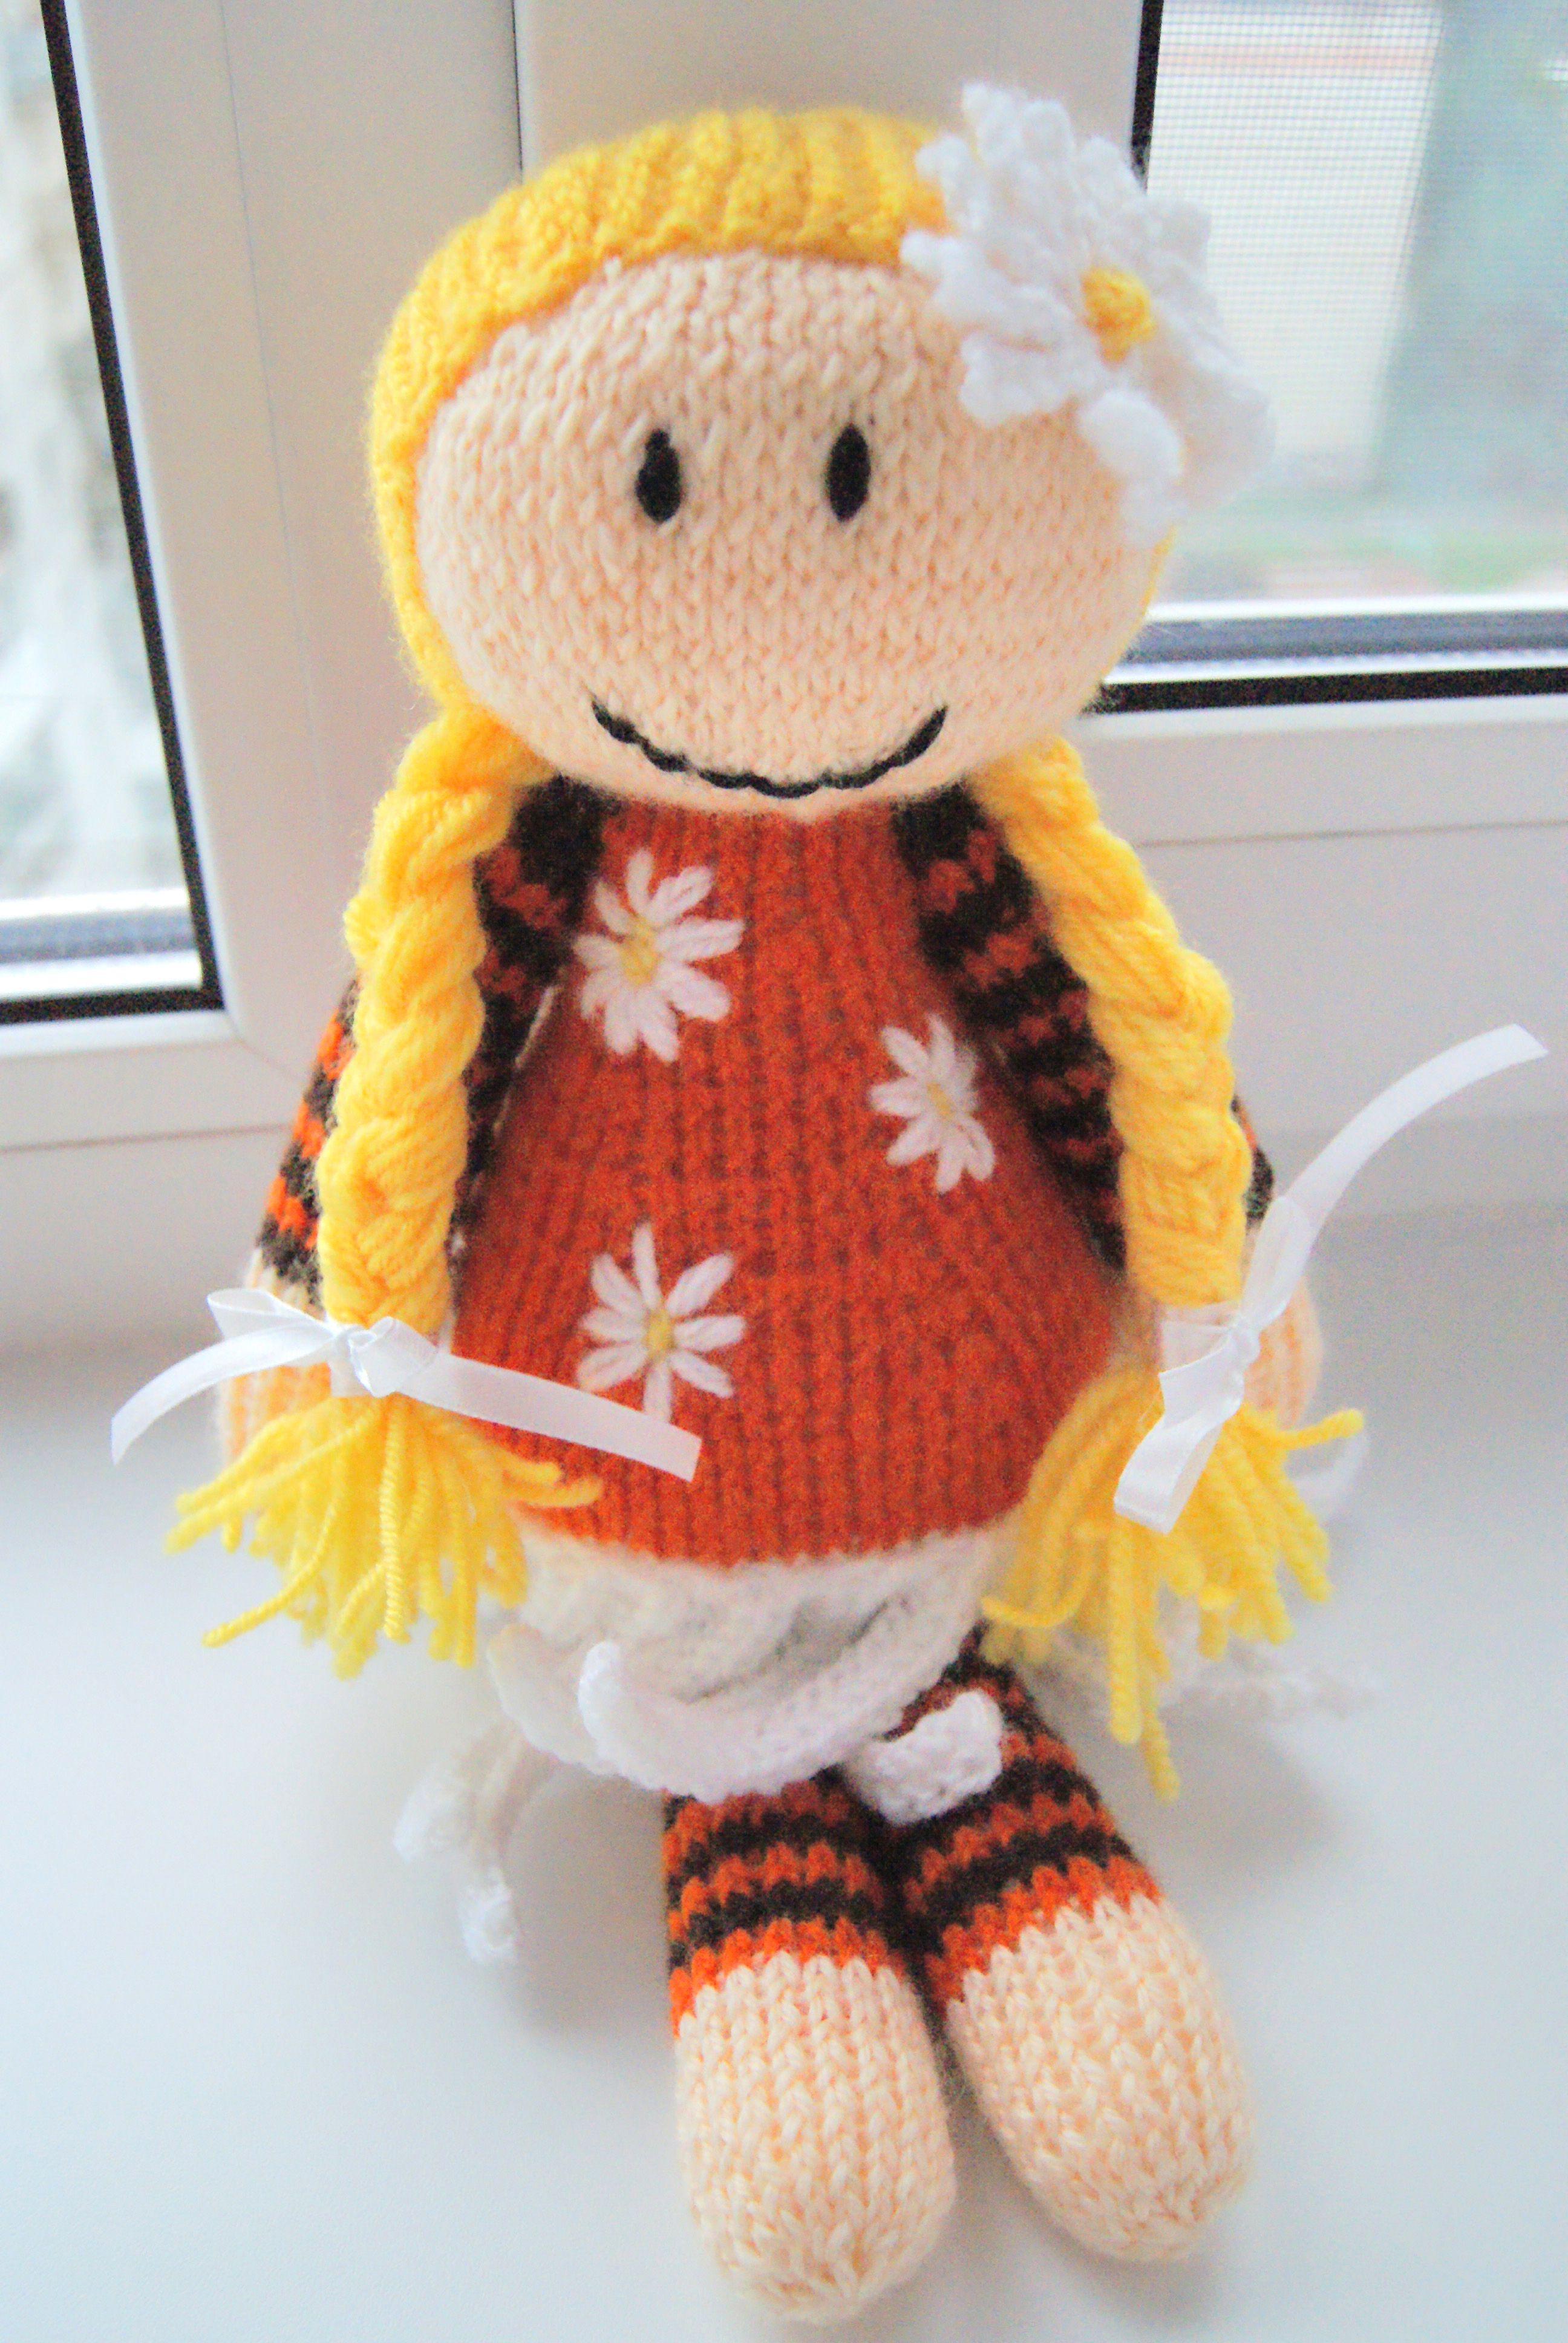 вязаниеназаказ златовласка вяжуназаказ кукла куколка вязание детям интерьернаякукла интерьернаяигрушка подарок